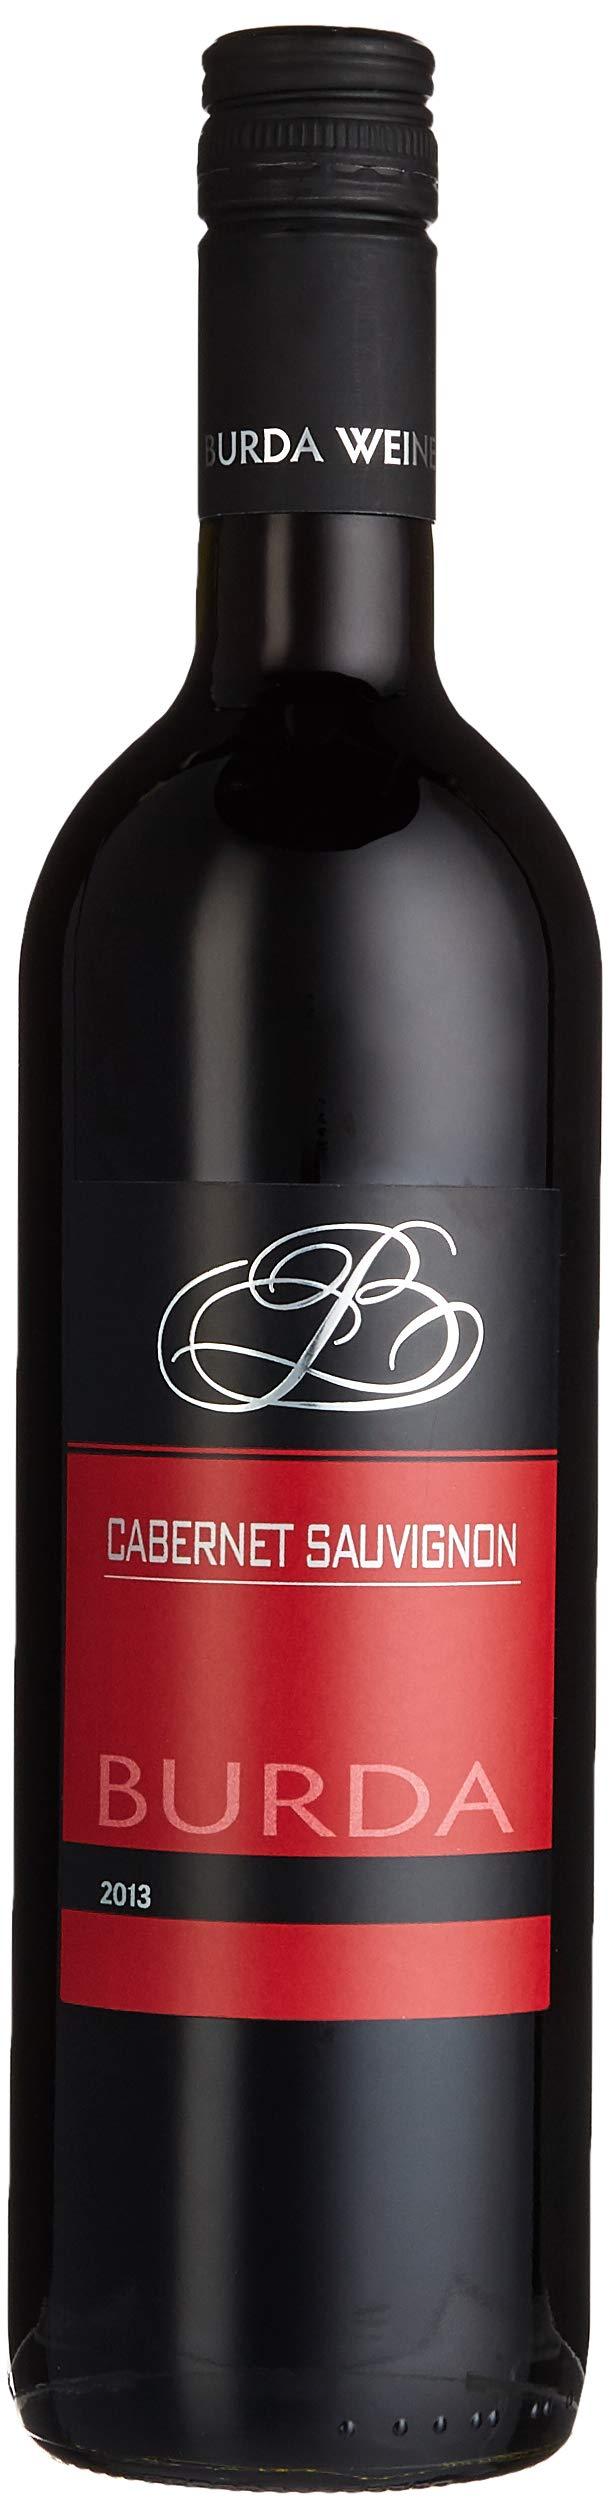 Burda-Cabernet-Sauvignon-2013-trocken-1-x-075-l